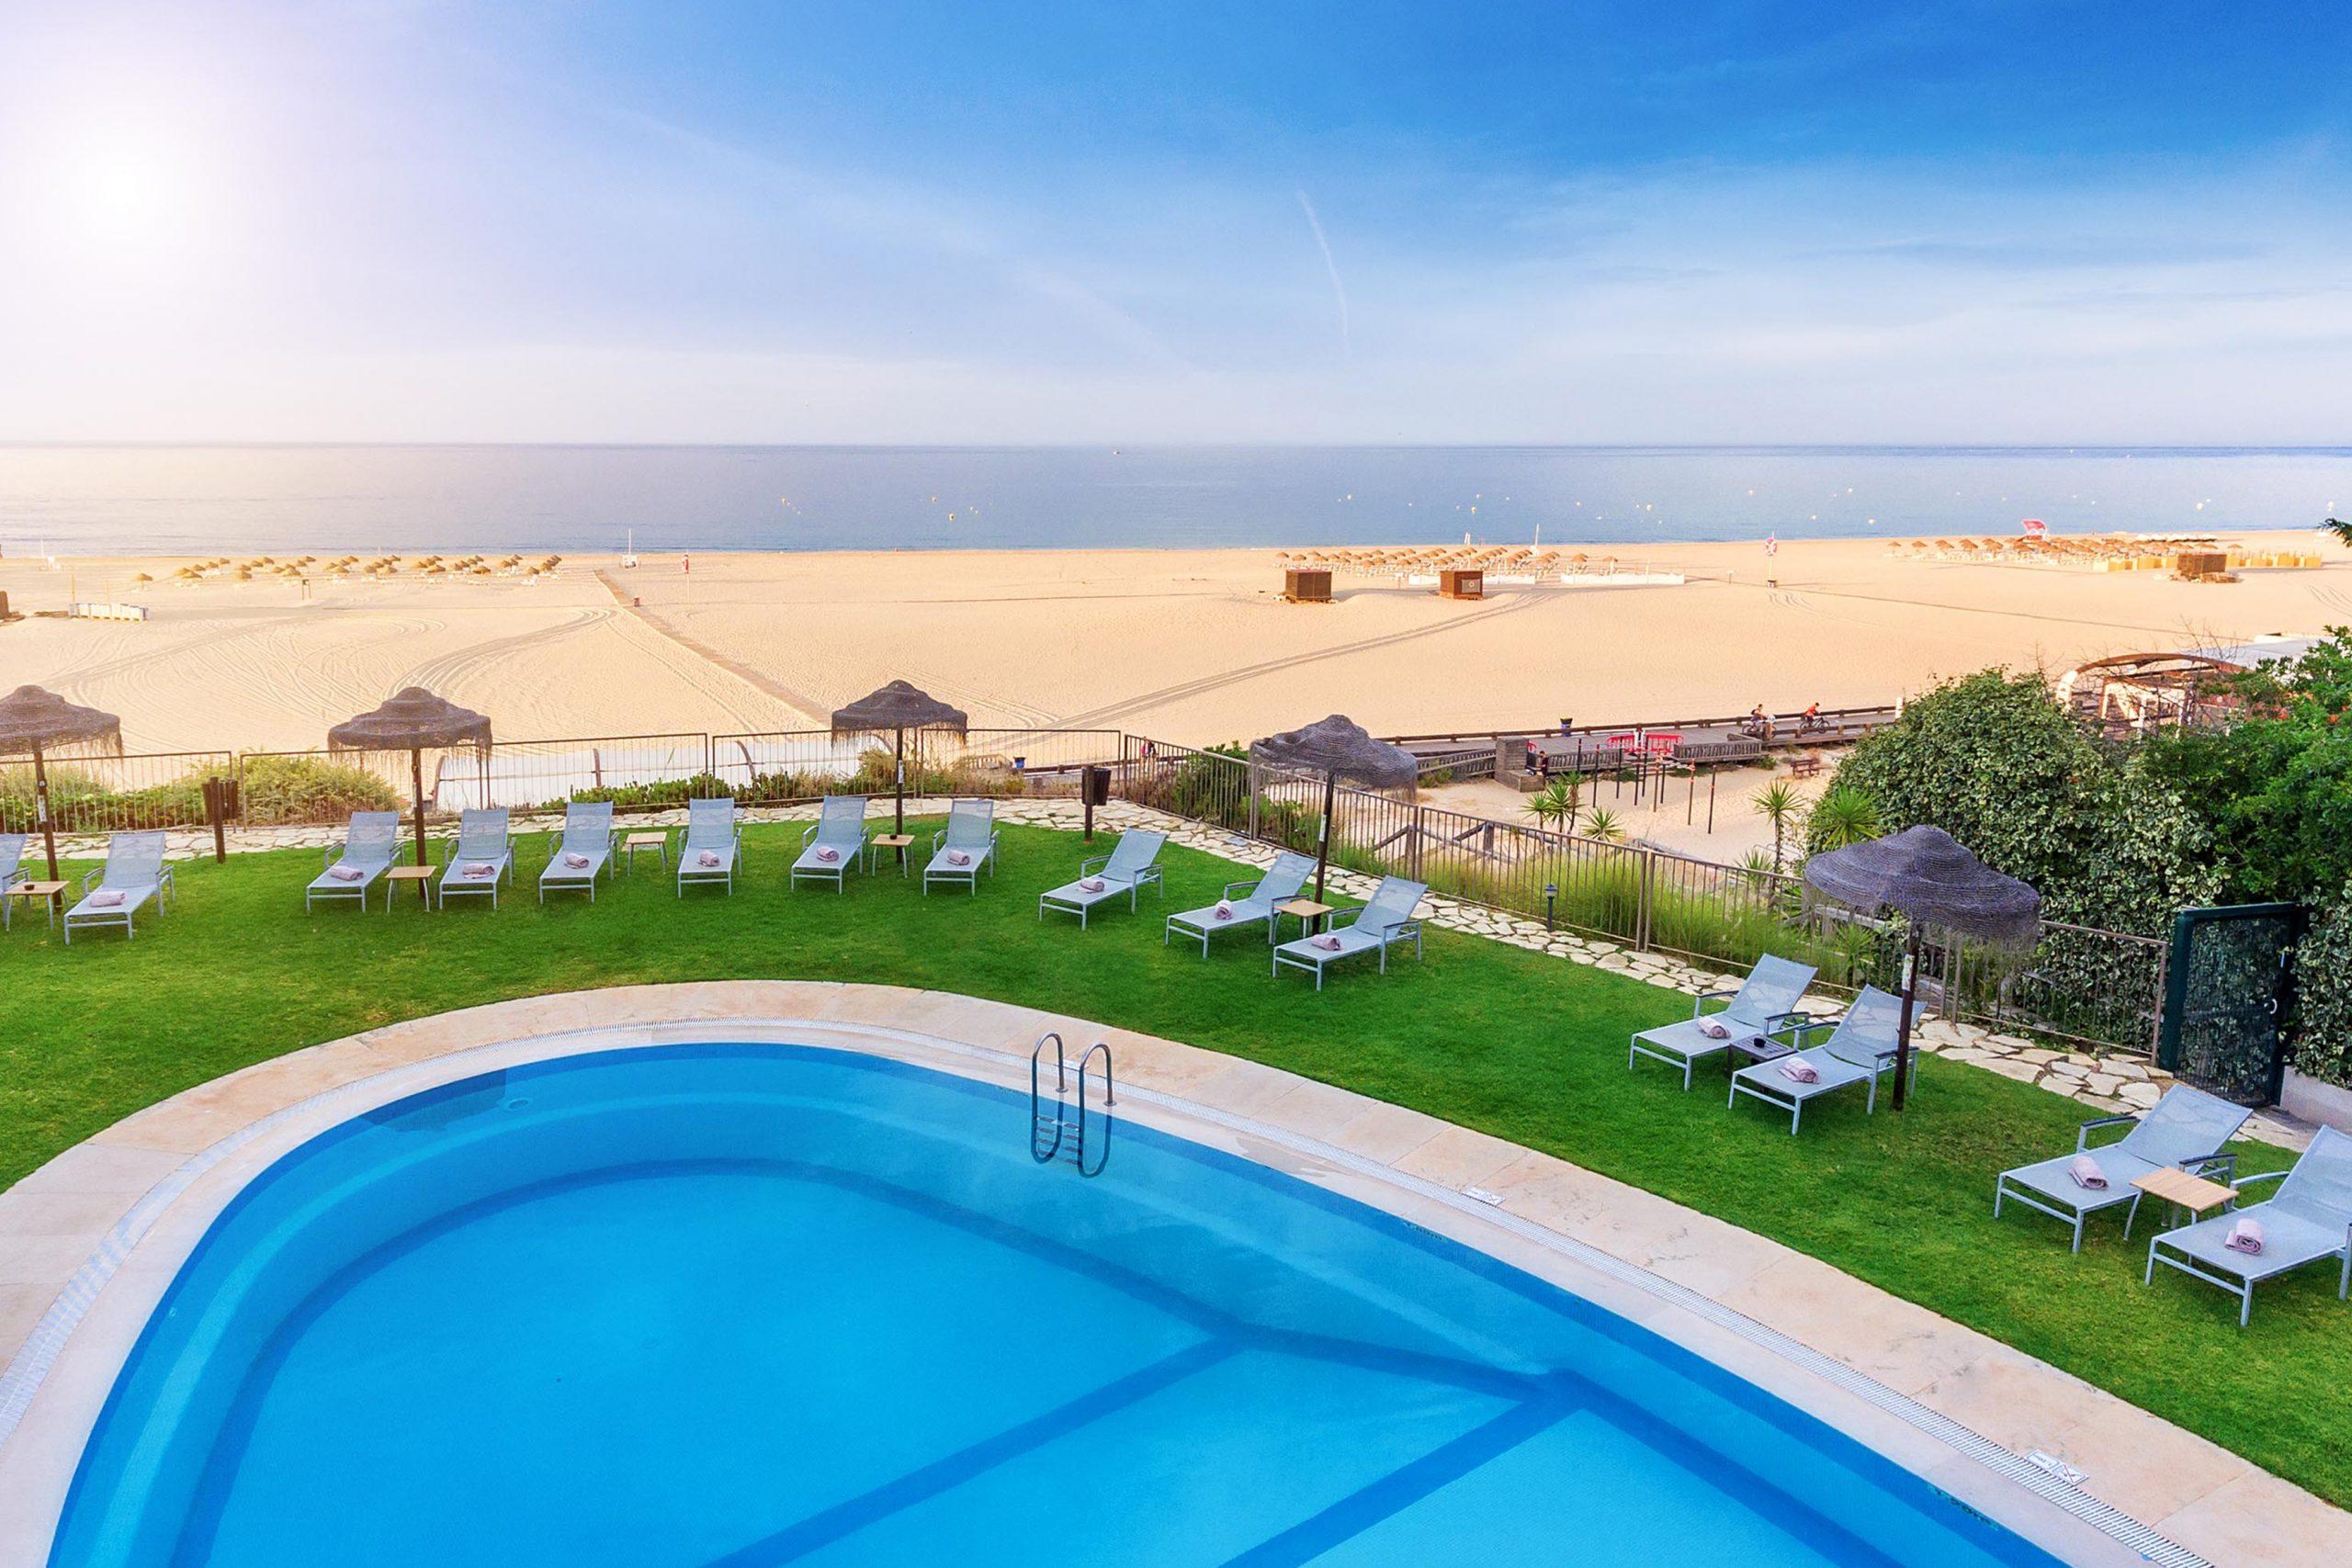 hotel oriental pool